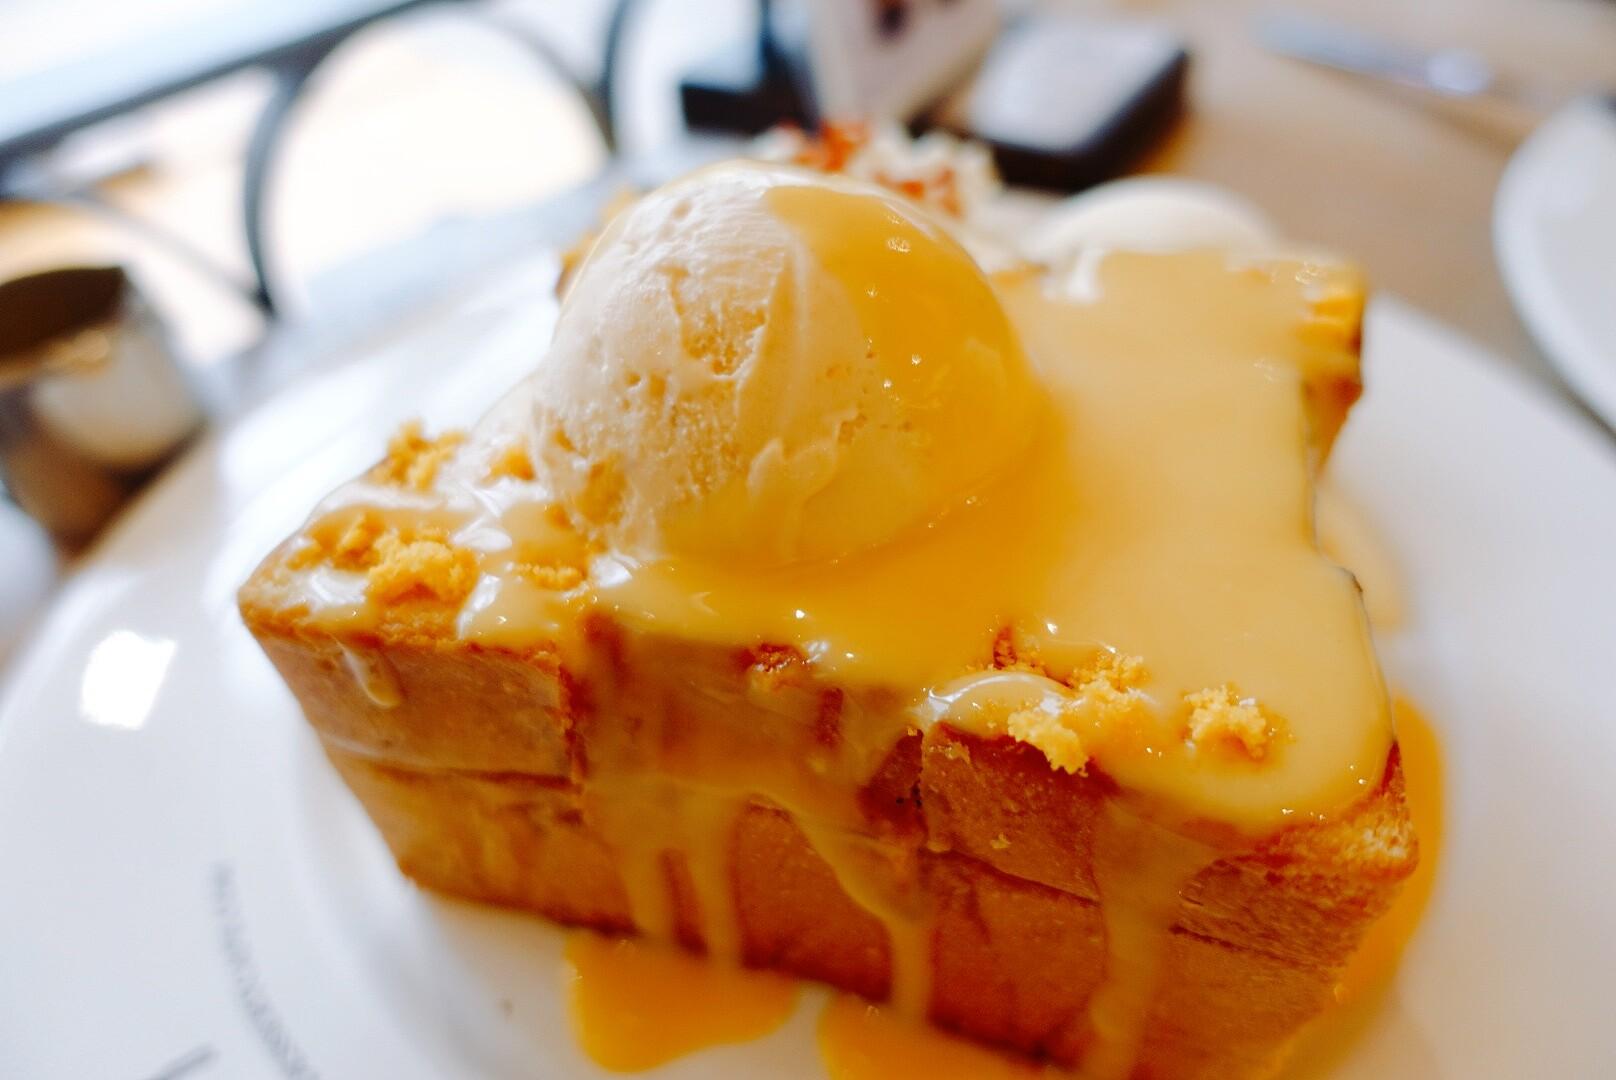 【泰國曼谷】After You Dessert Café|必吃鹹蛋口味蜜糖吐司|可口的芒果糯米冰